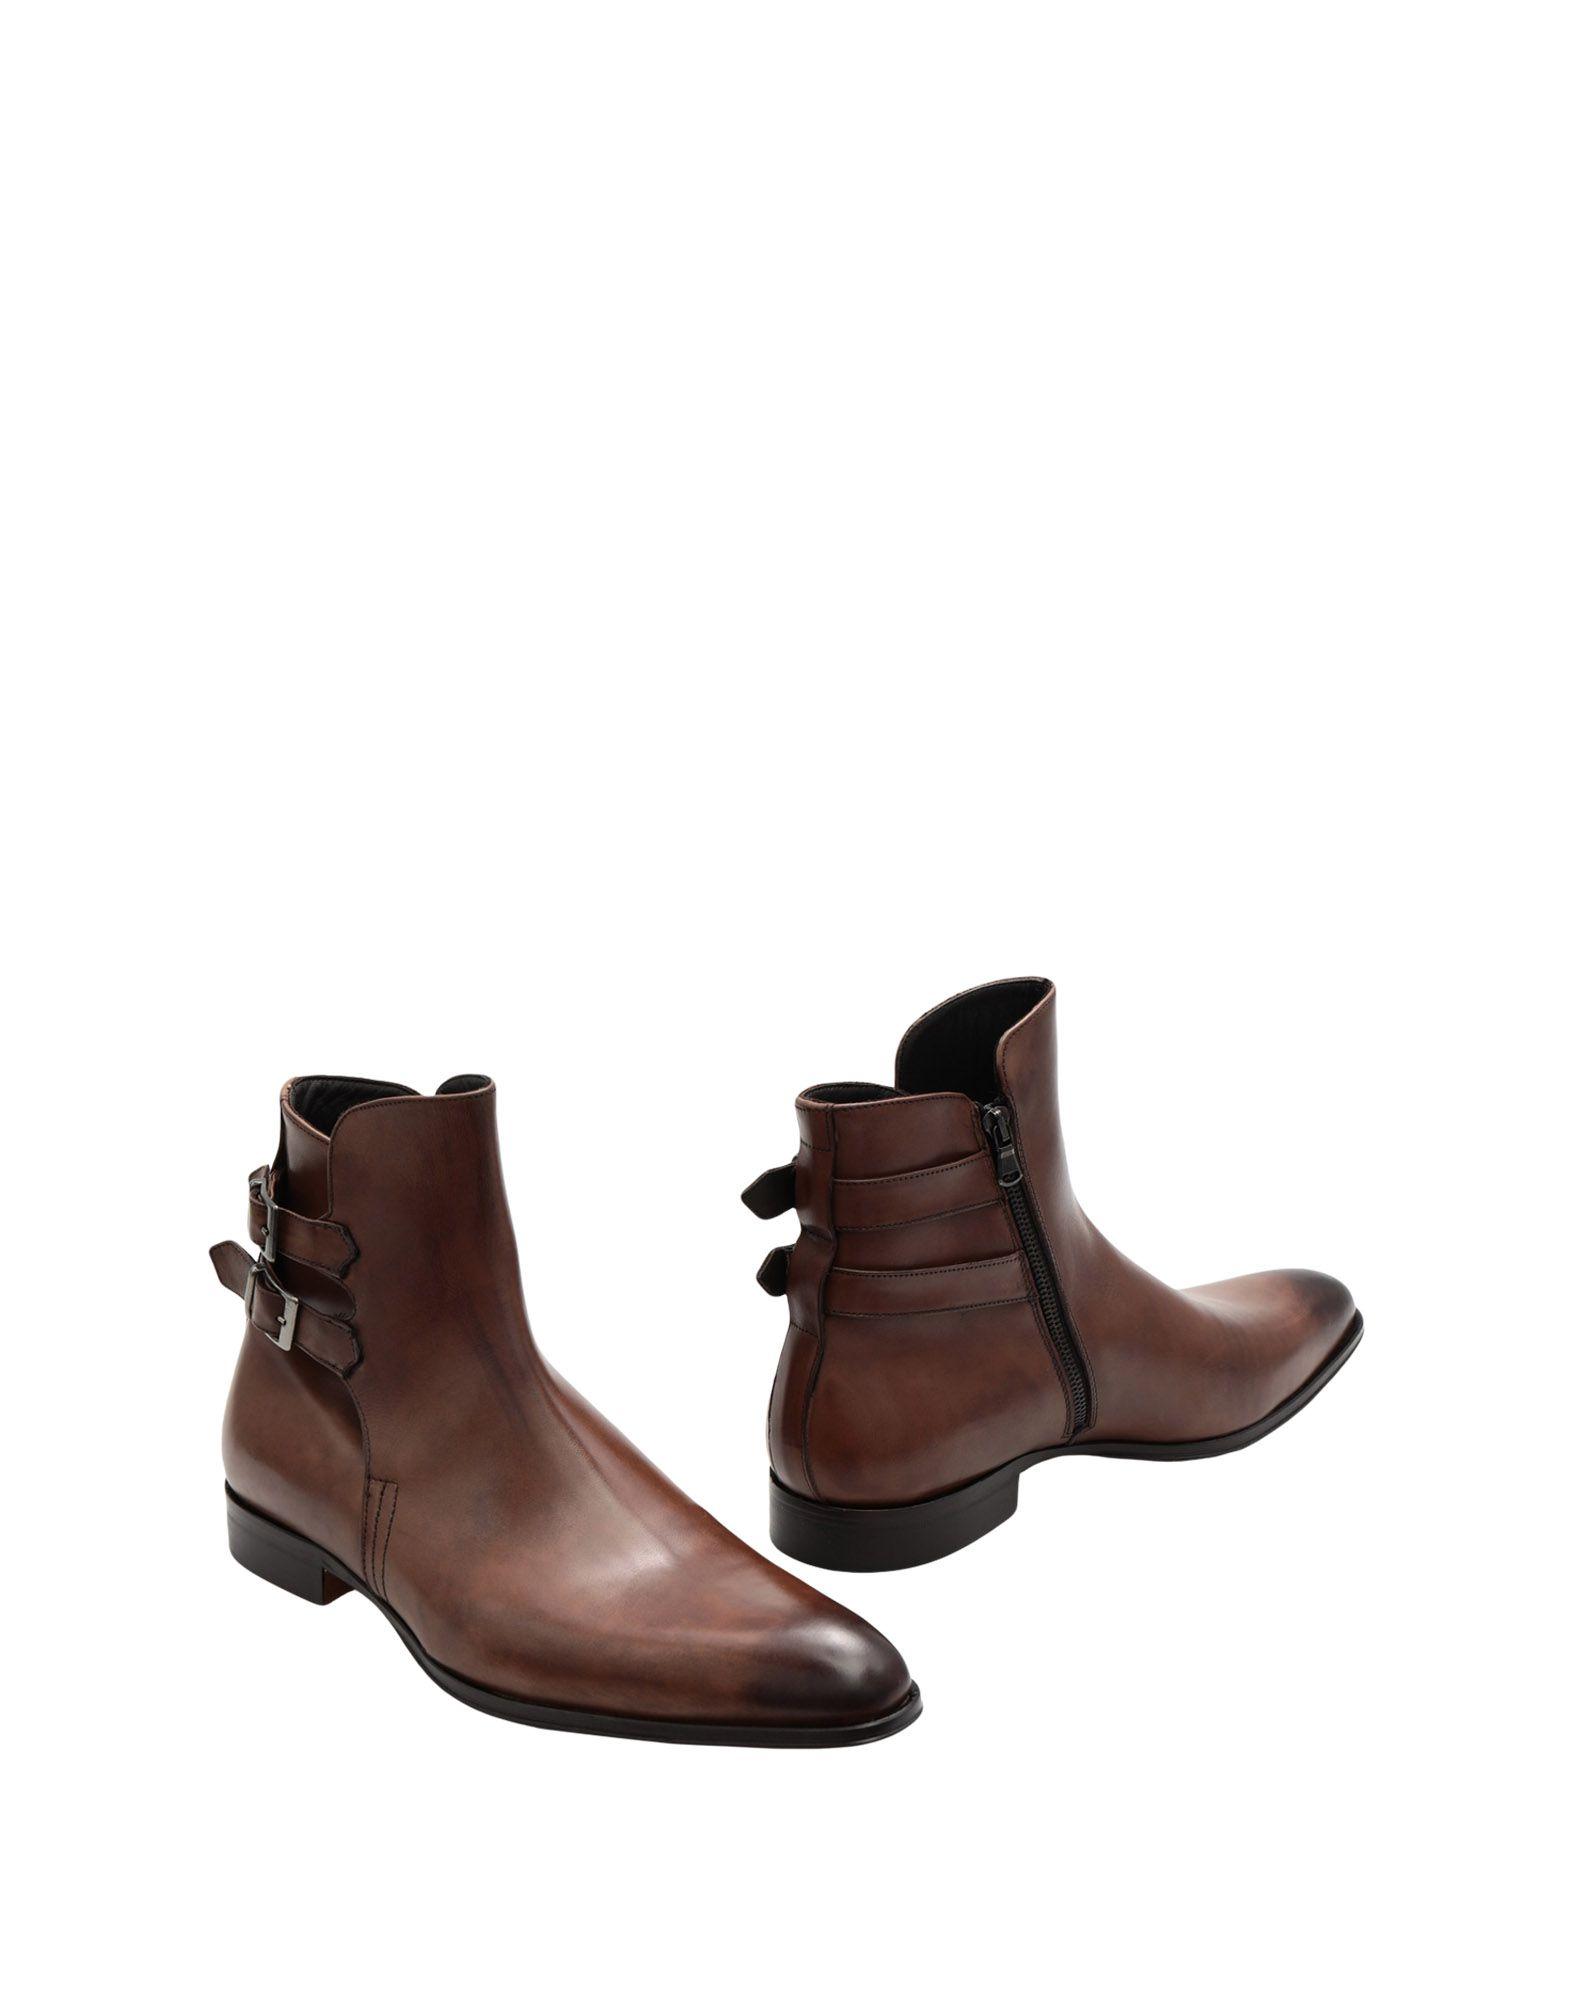 Leonardo Principi Stiefelette Herren  11524801PW Gute Qualität beliebte Schuhe